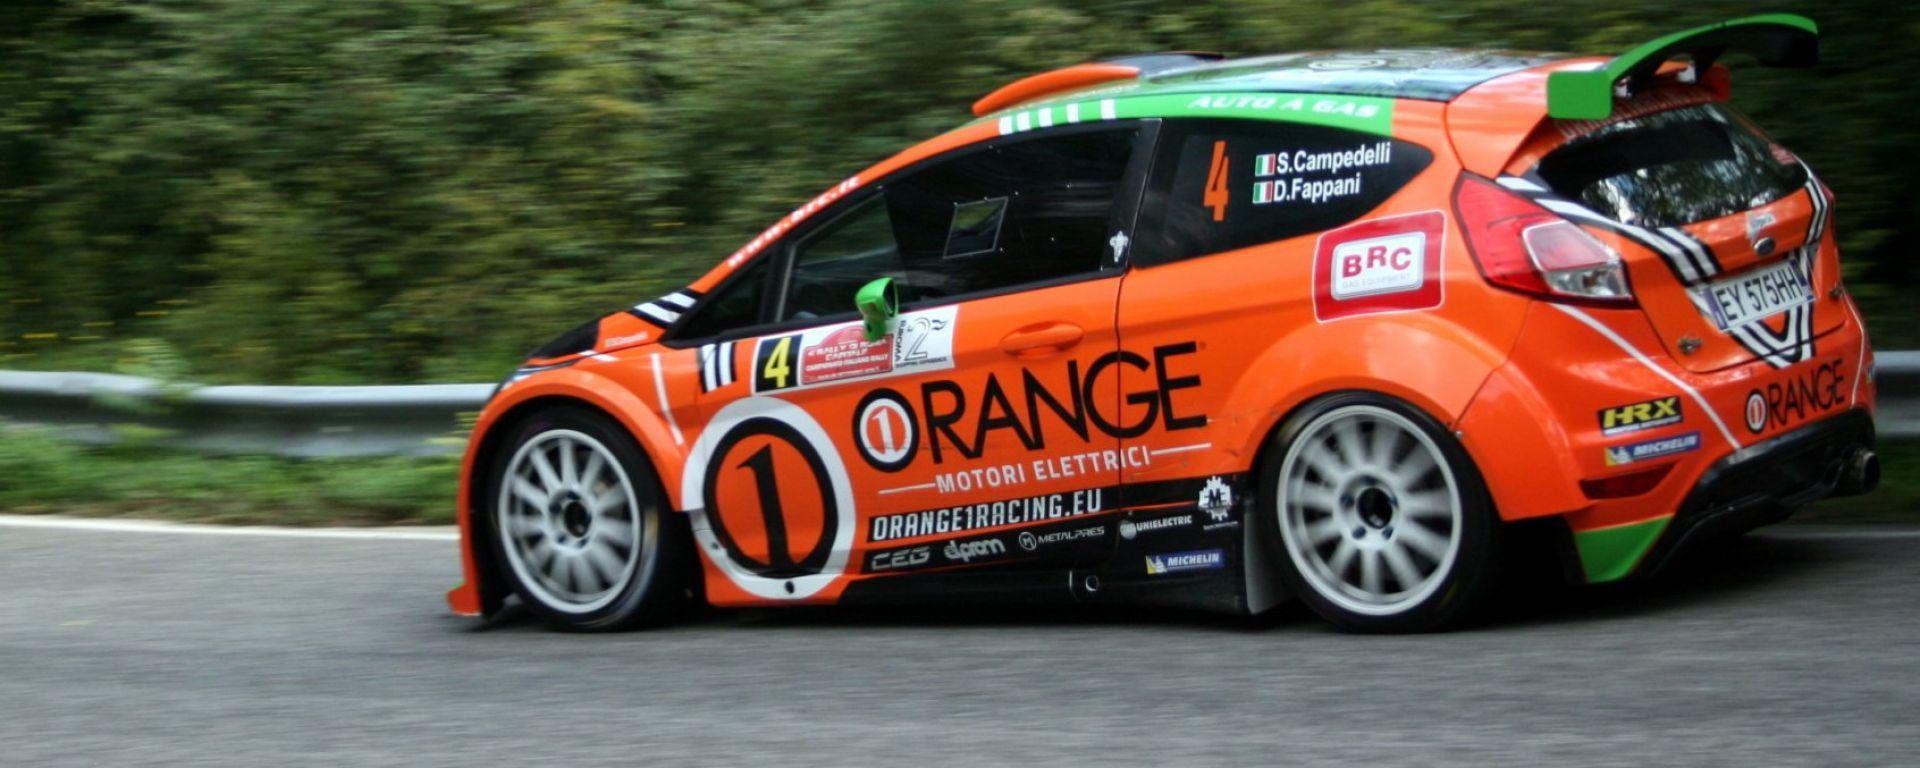 CIR 2018: Campedelli prende il comando del Rally Adriatico